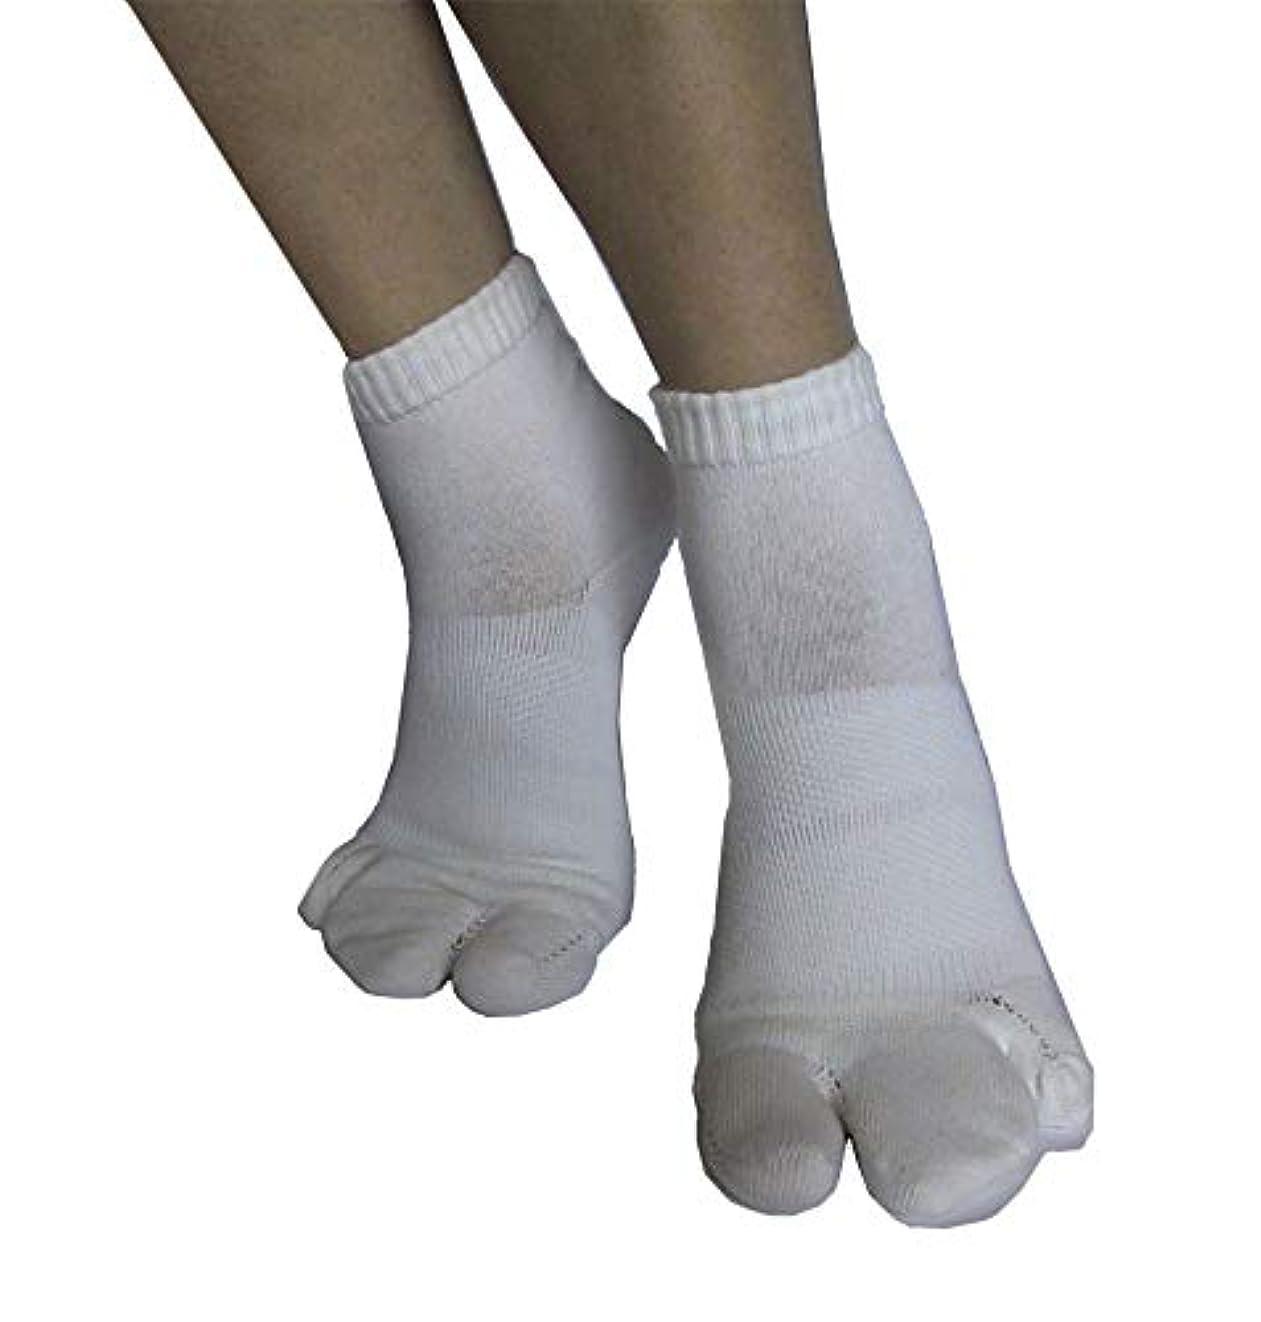 悪行良性最大限カサハラ式サポーター ホソックス3本指テーピング靴下 ホワイトS 22-23cm